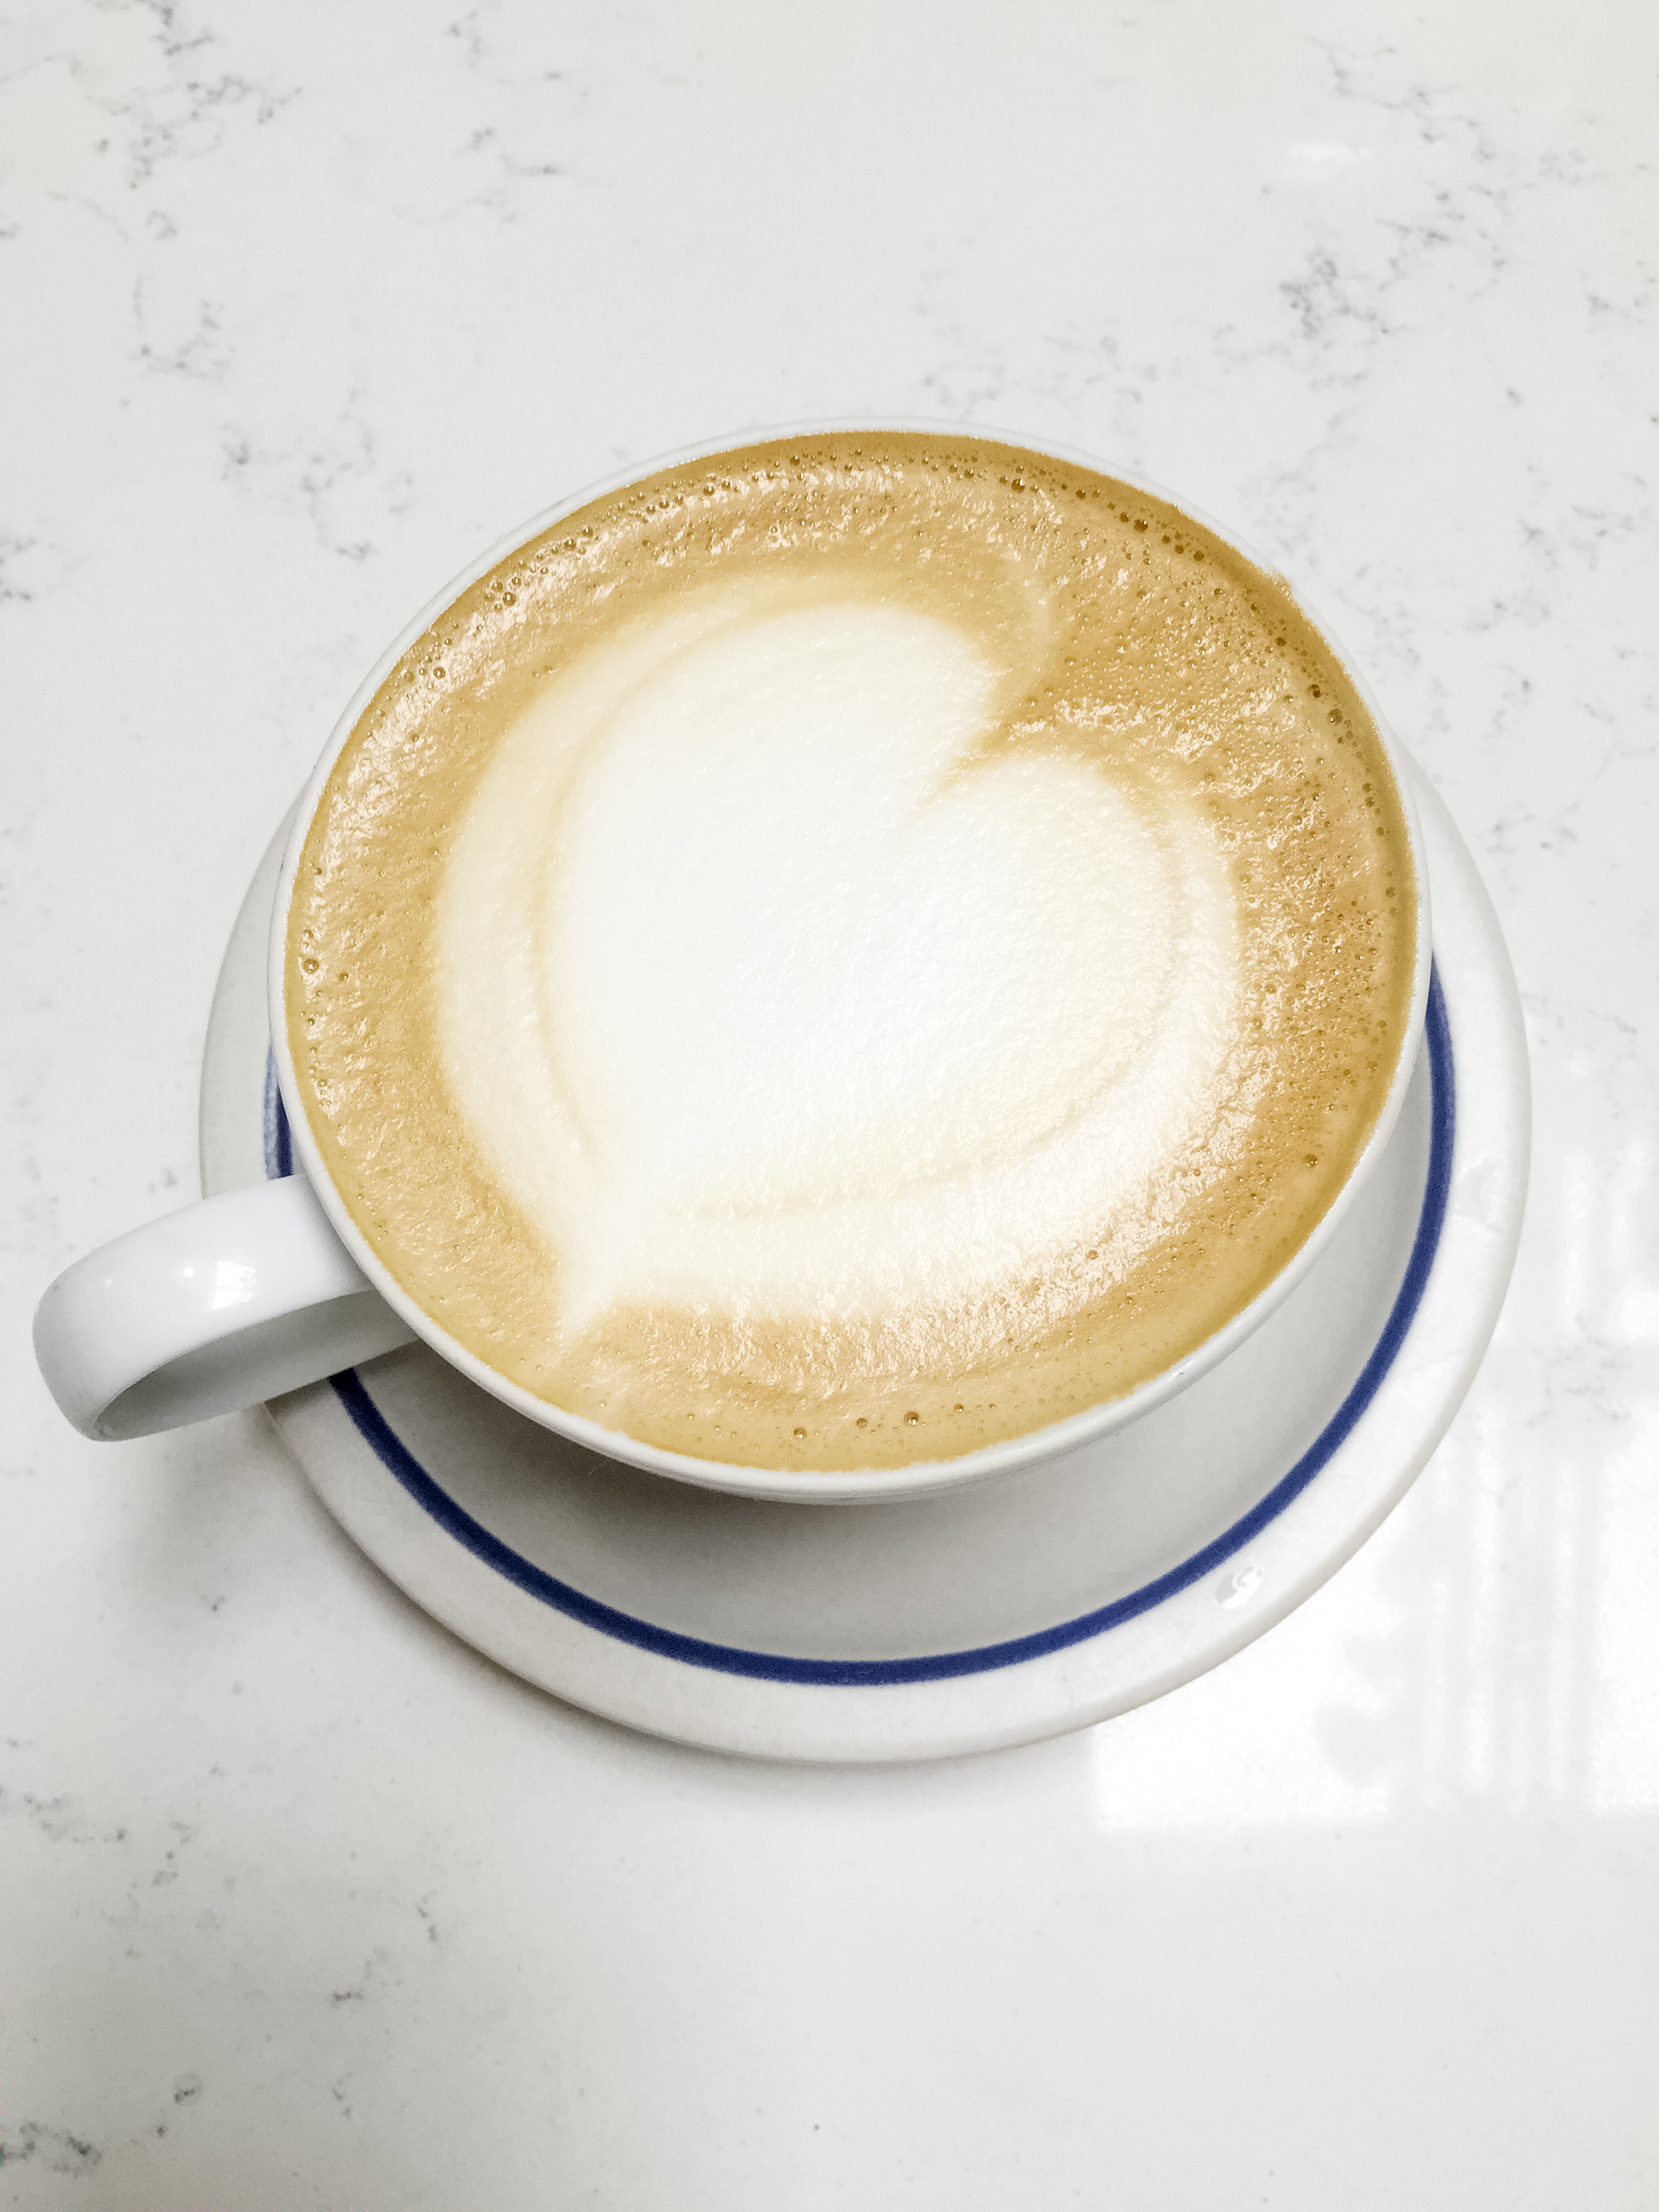 trade-and-lore-noda-charlotte-nc-pistachio-latte